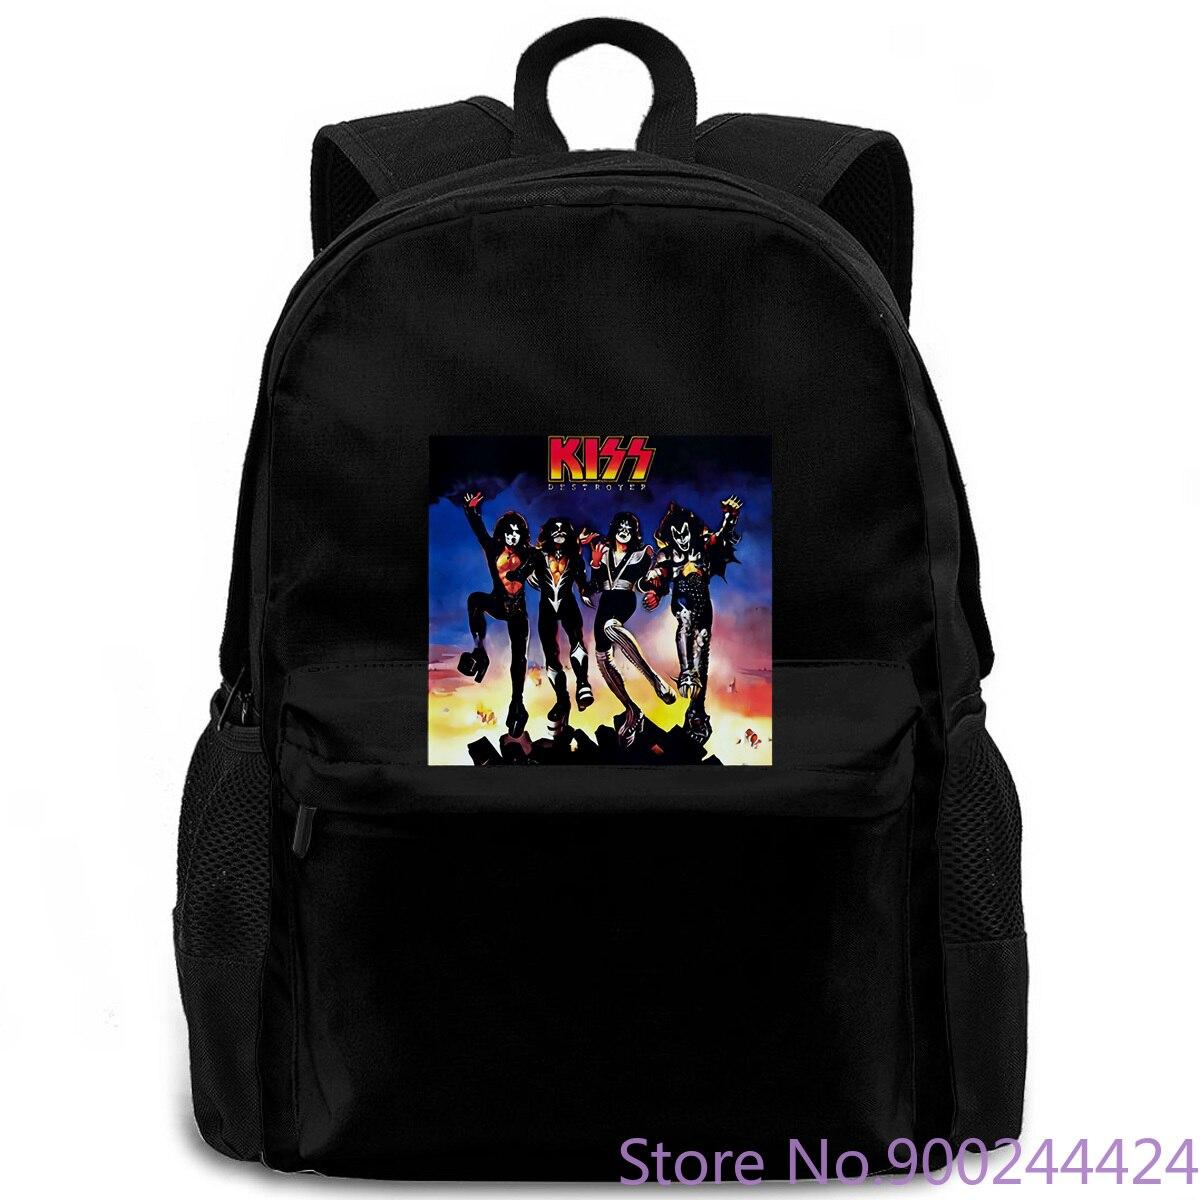 Kiss glam металлический ремешок Paul Stanley Frehleys Comet новейший Женский Мужской рюкзак для ноутбука, путешествий, школы для взрослых студентов